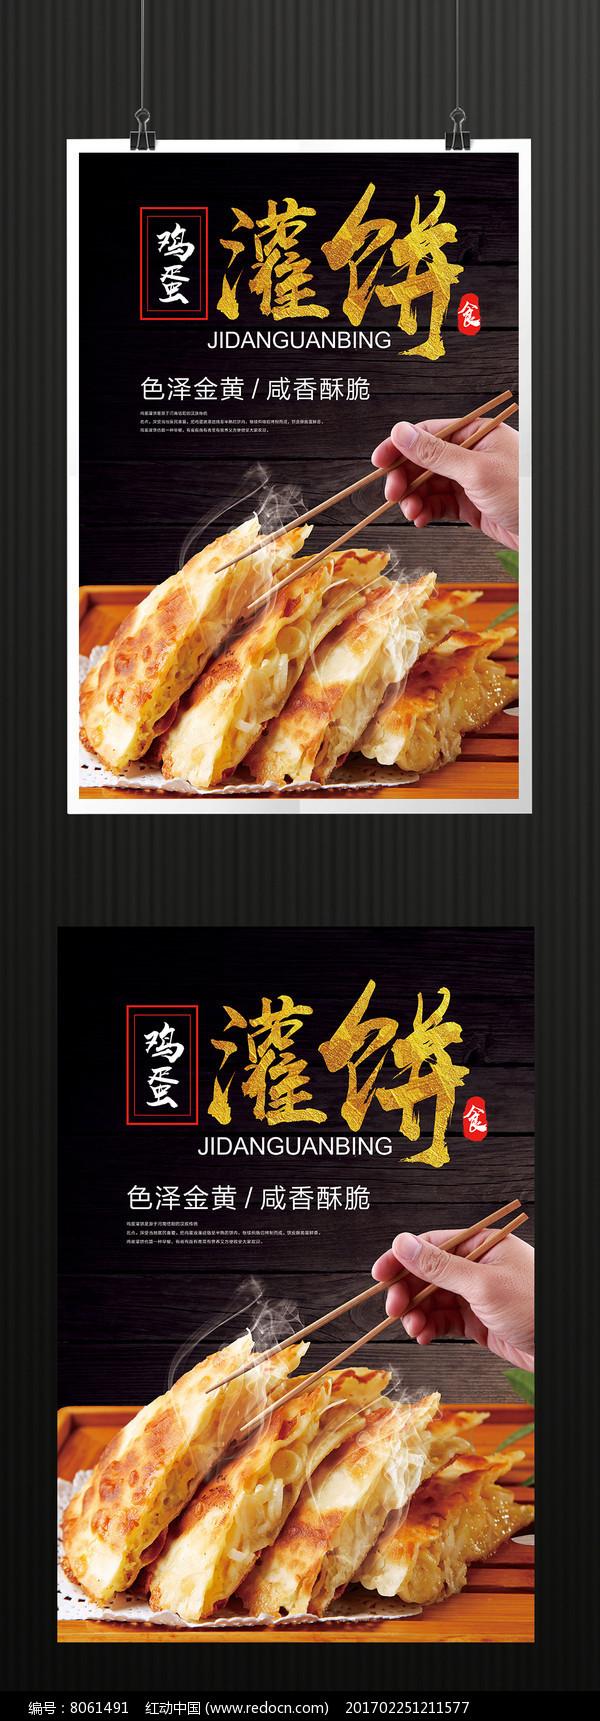 原创设计稿 海报设计/宣传单/广告牌 海报设计 特色鸡蛋灌饼小吃店